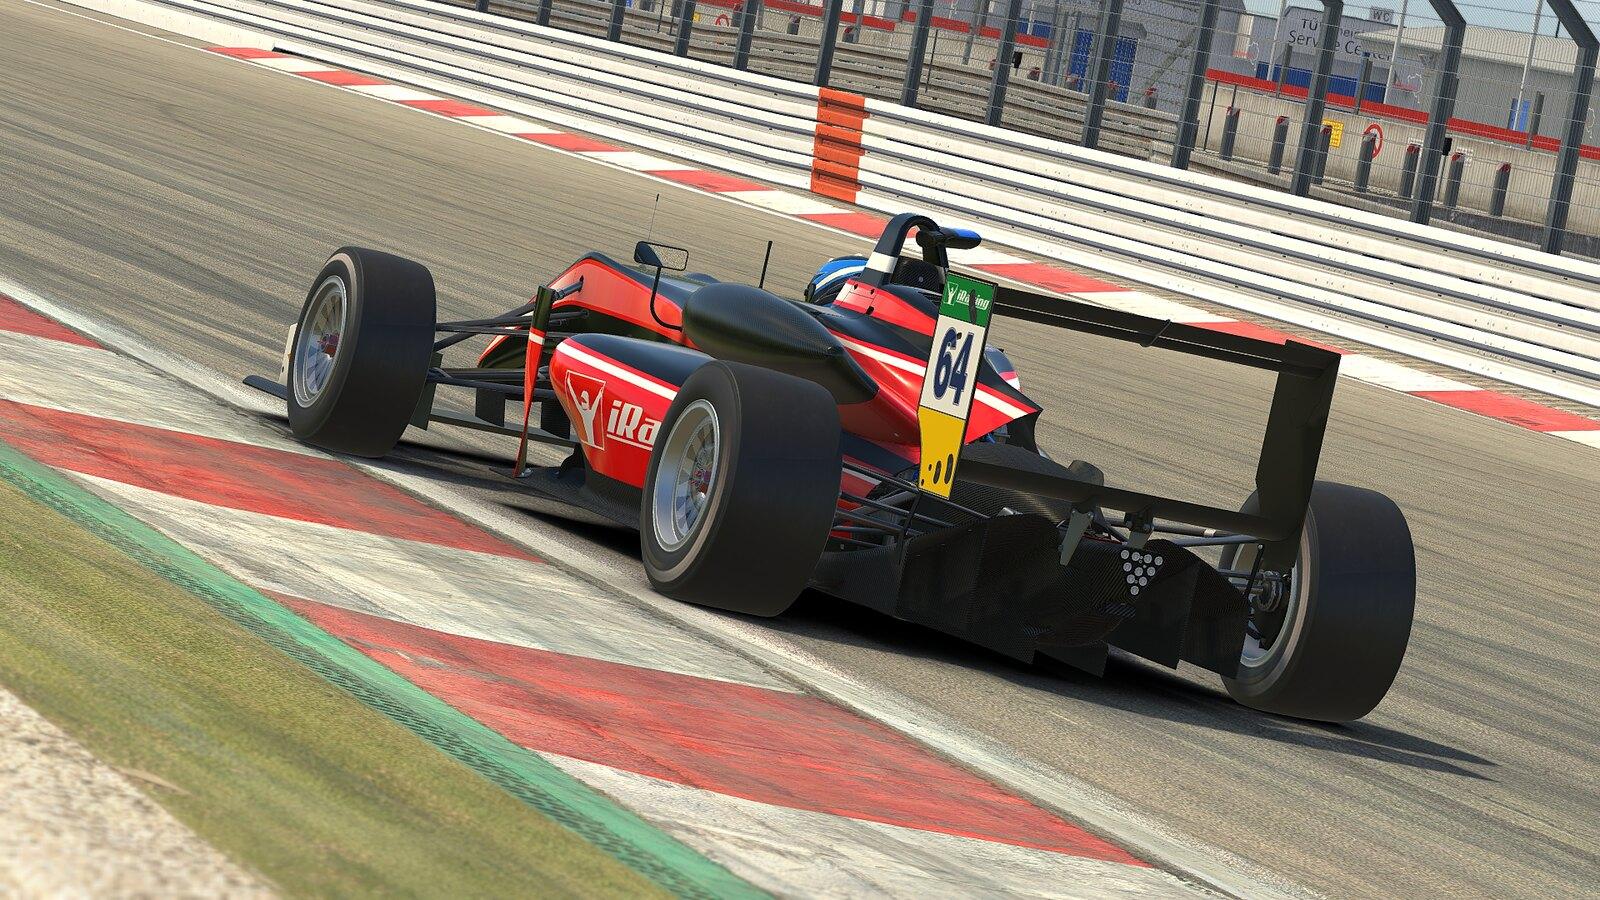 iRacing-Motorsport-Simulator-Screenshot-2018.11.20-10.56.51.81